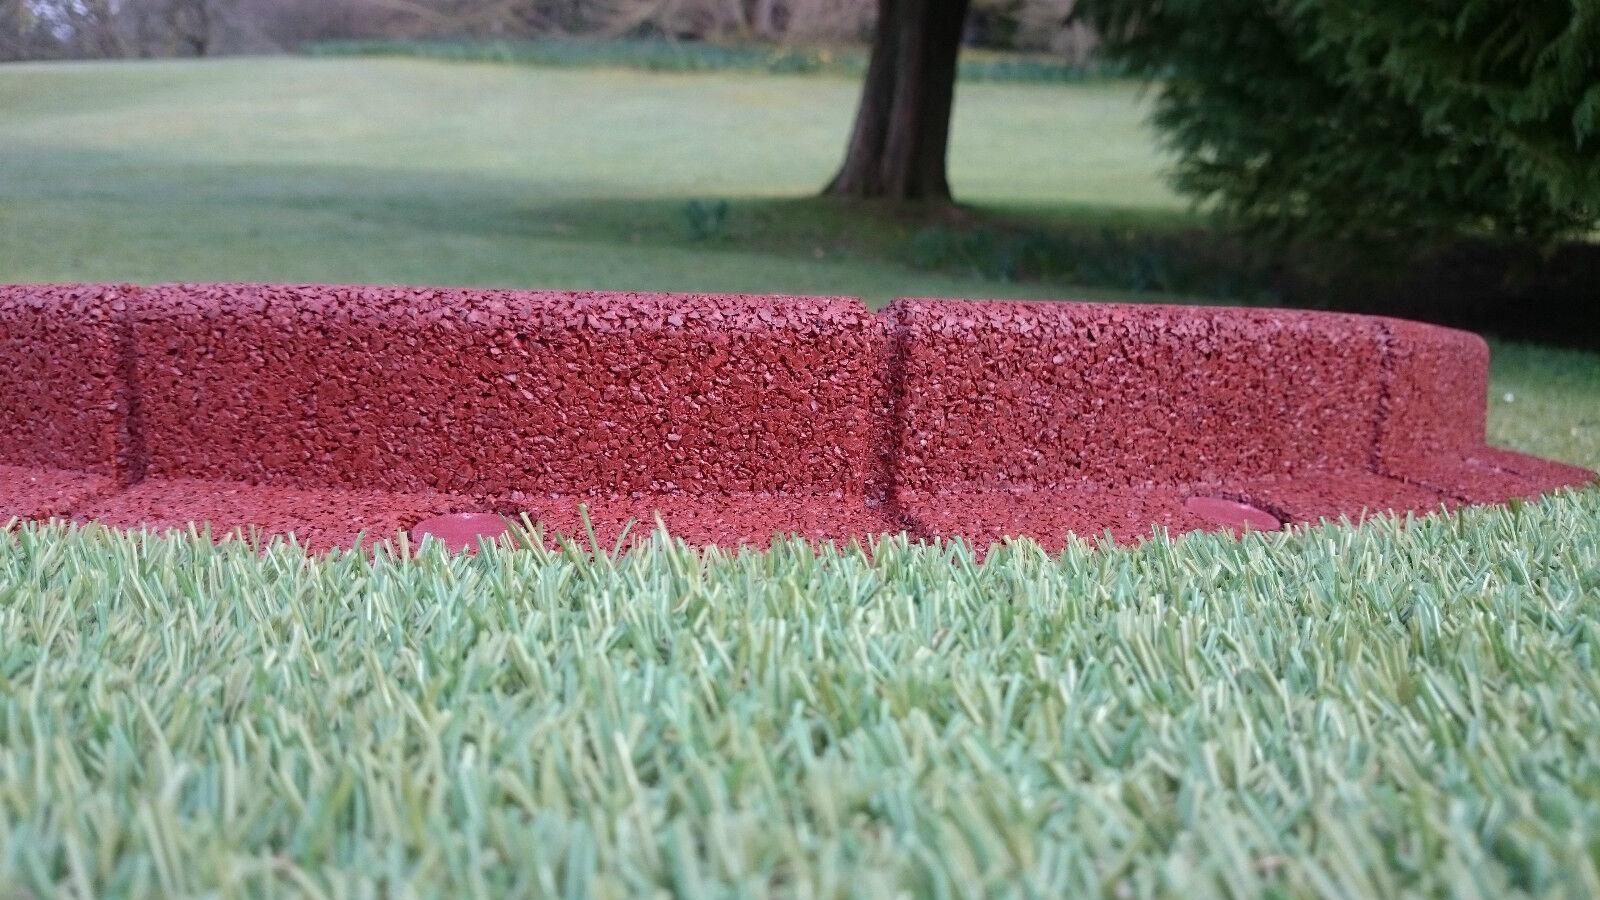 Flexi border lawn edge garden border grass edging fence for Grass border